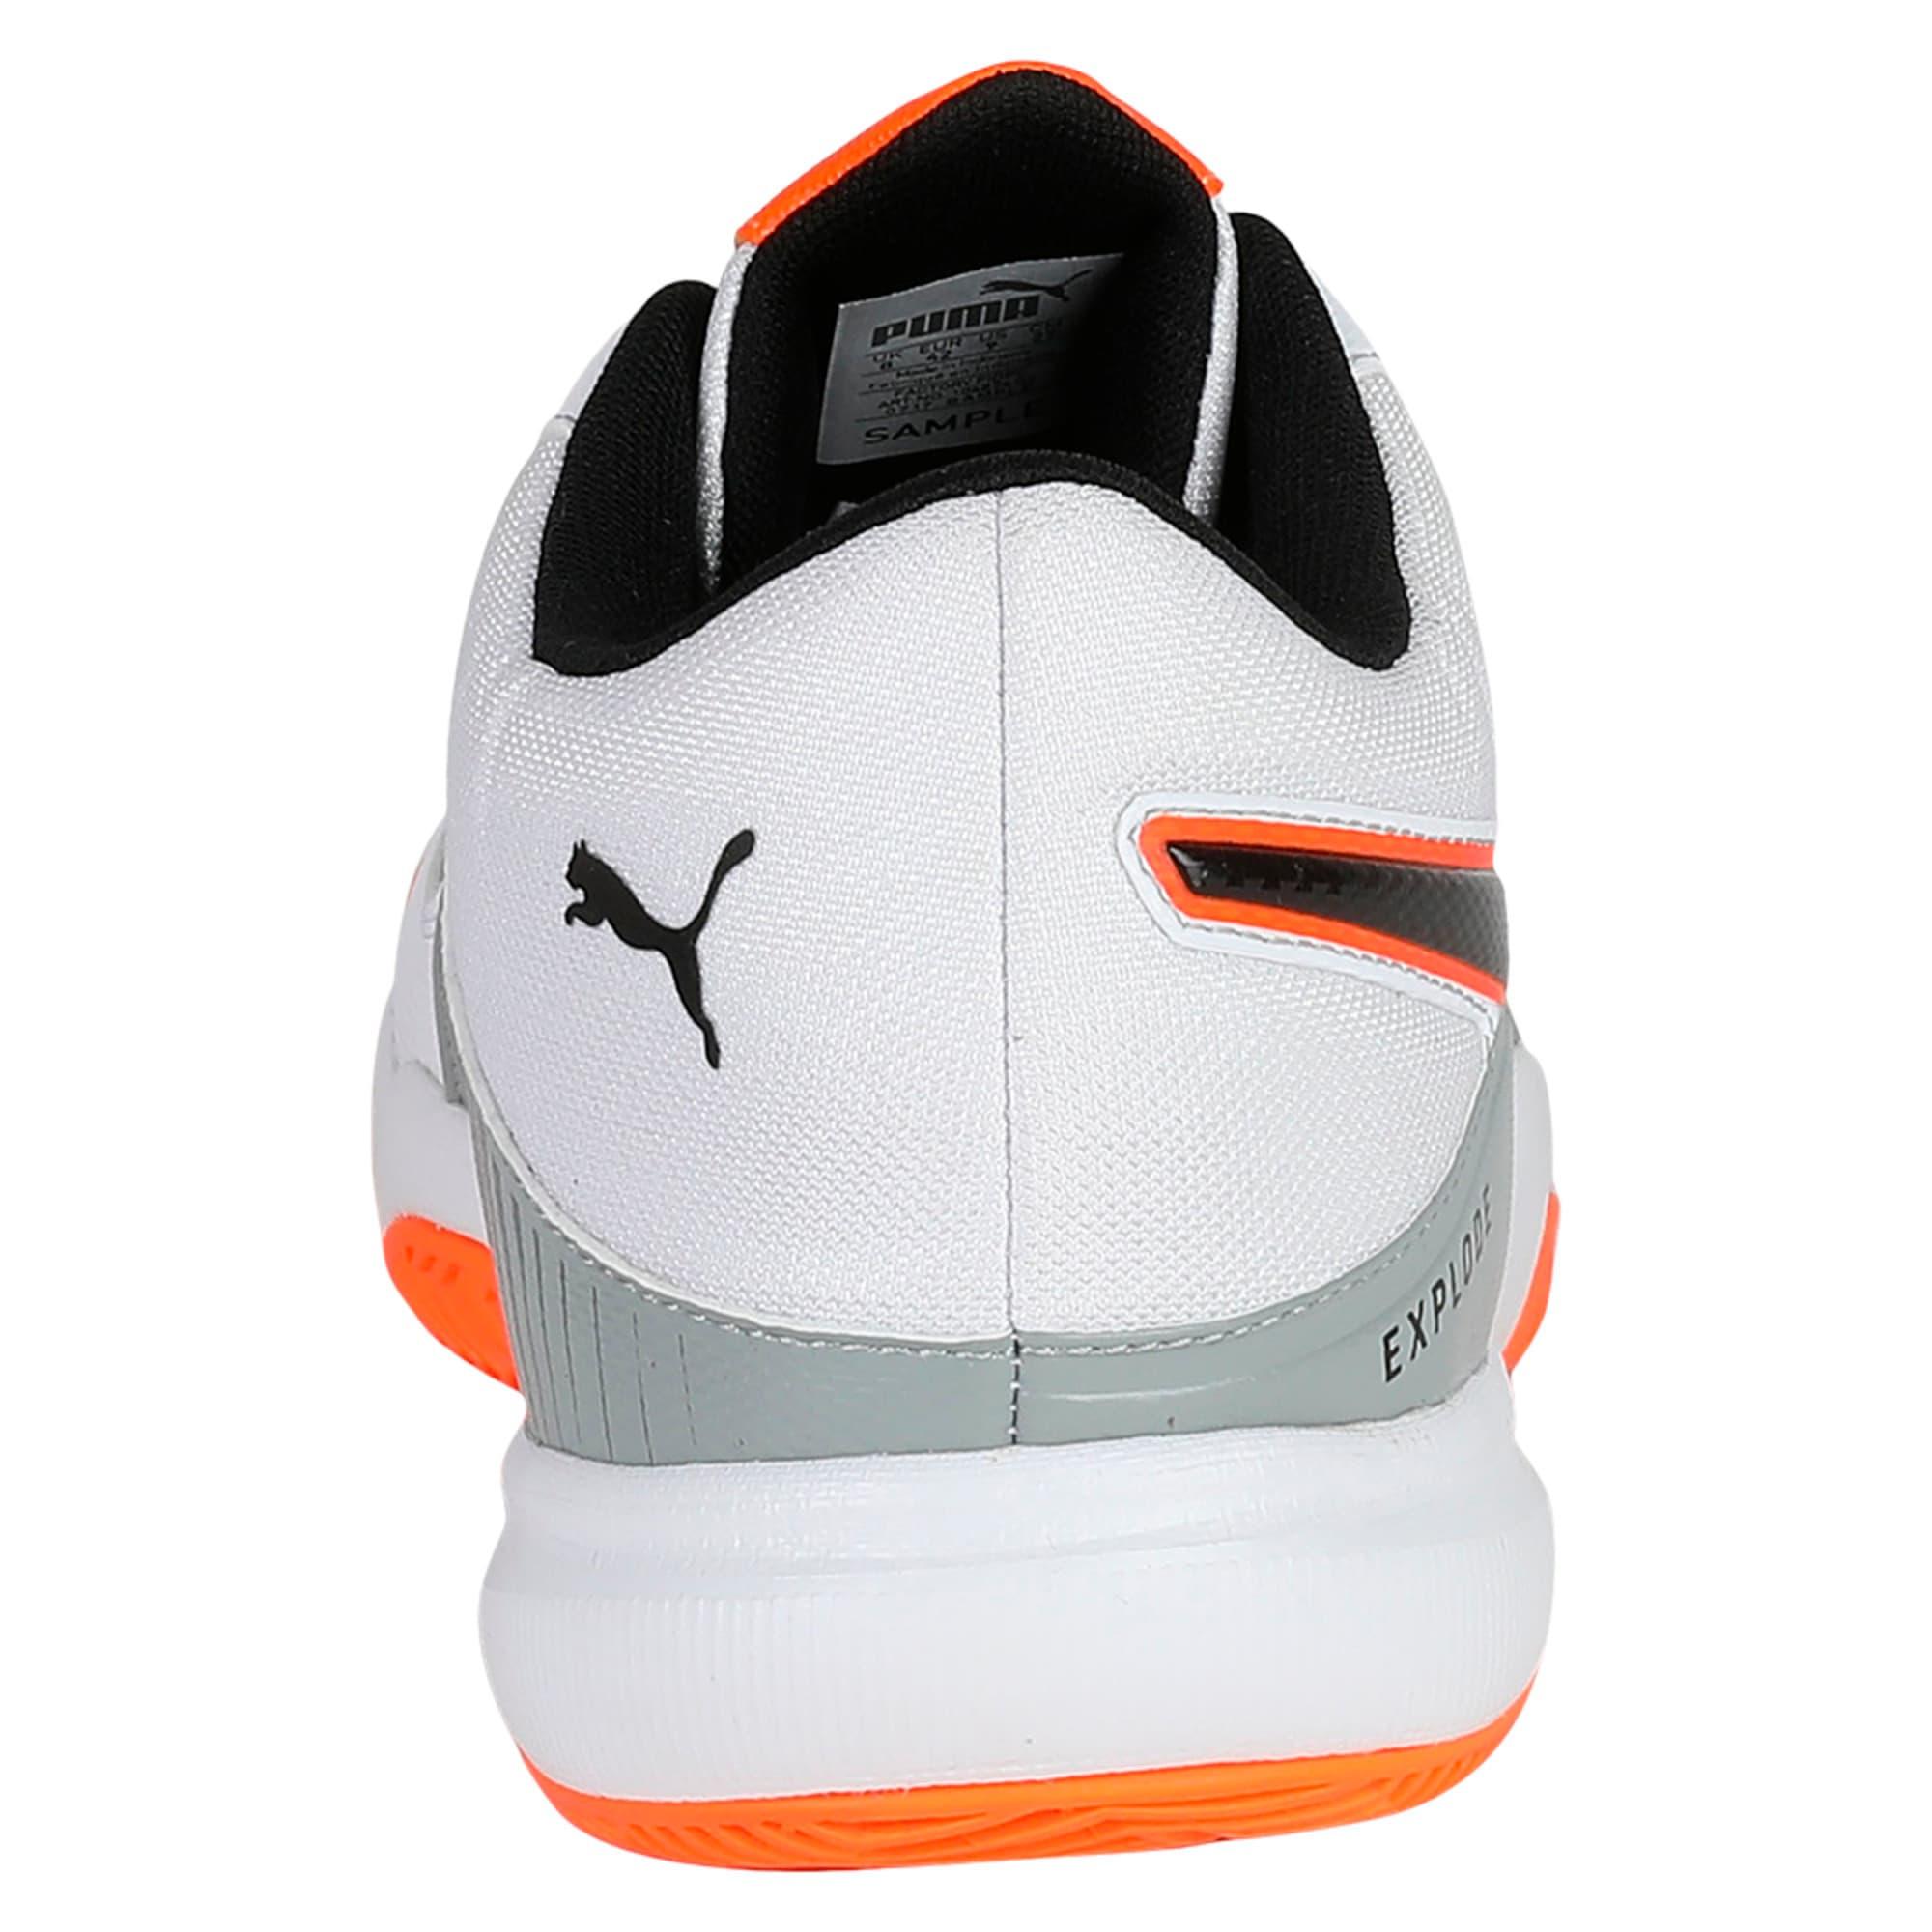 Thumbnail 3 of Explode 3 Men's Indoor Training Shoes, White-Quarry-Orange, medium-IND